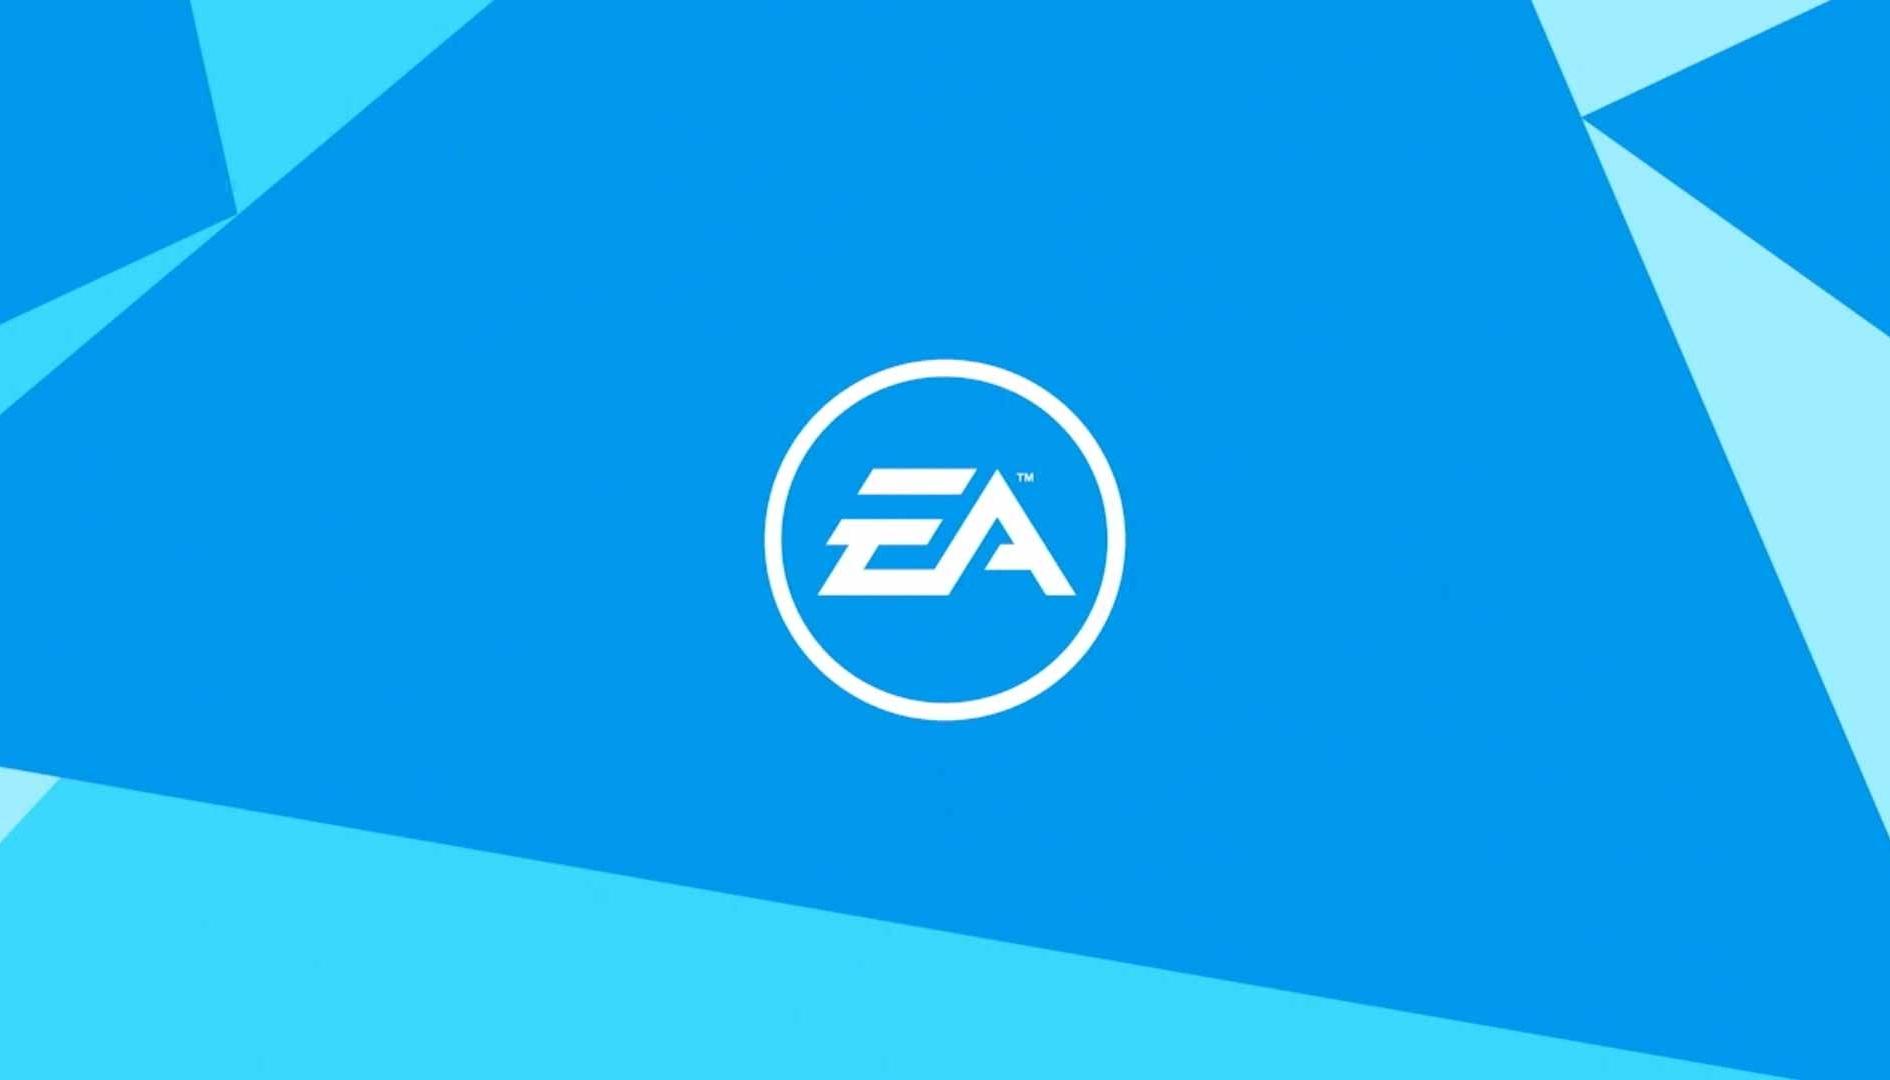 Loot box è gioco d'azzardo: la nuova class action contro EA